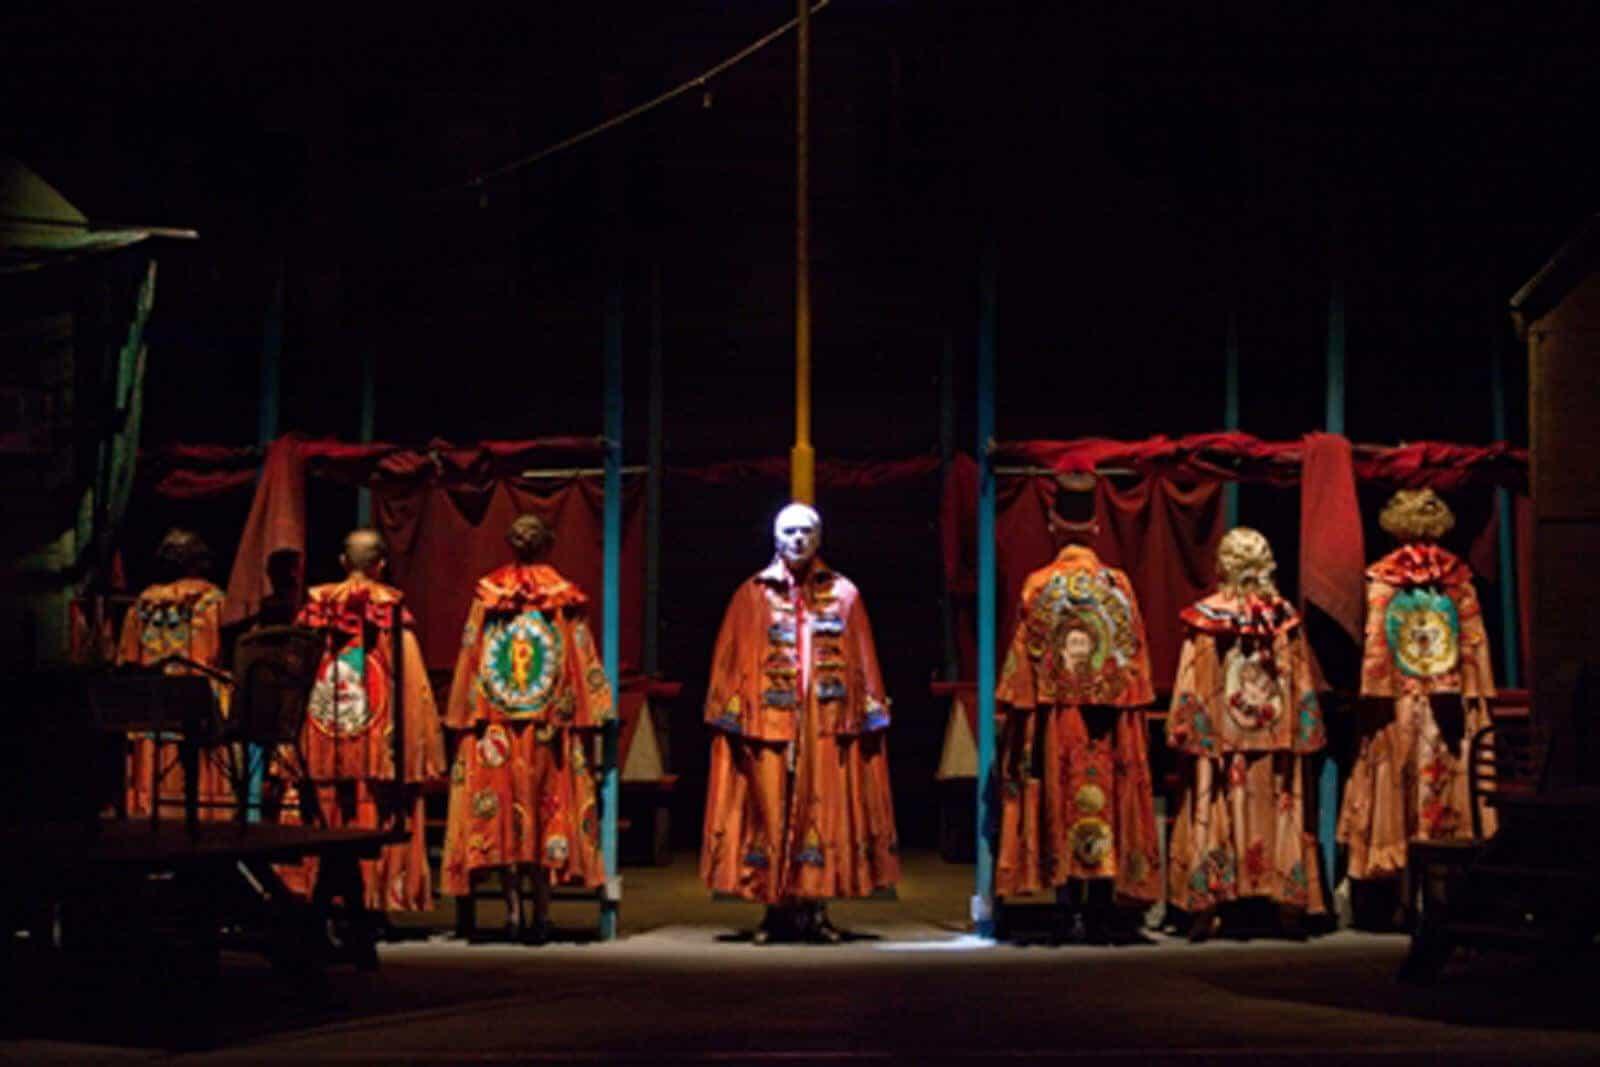 Circo equestre Sgueglia-Teatro Stabile Napoli-4